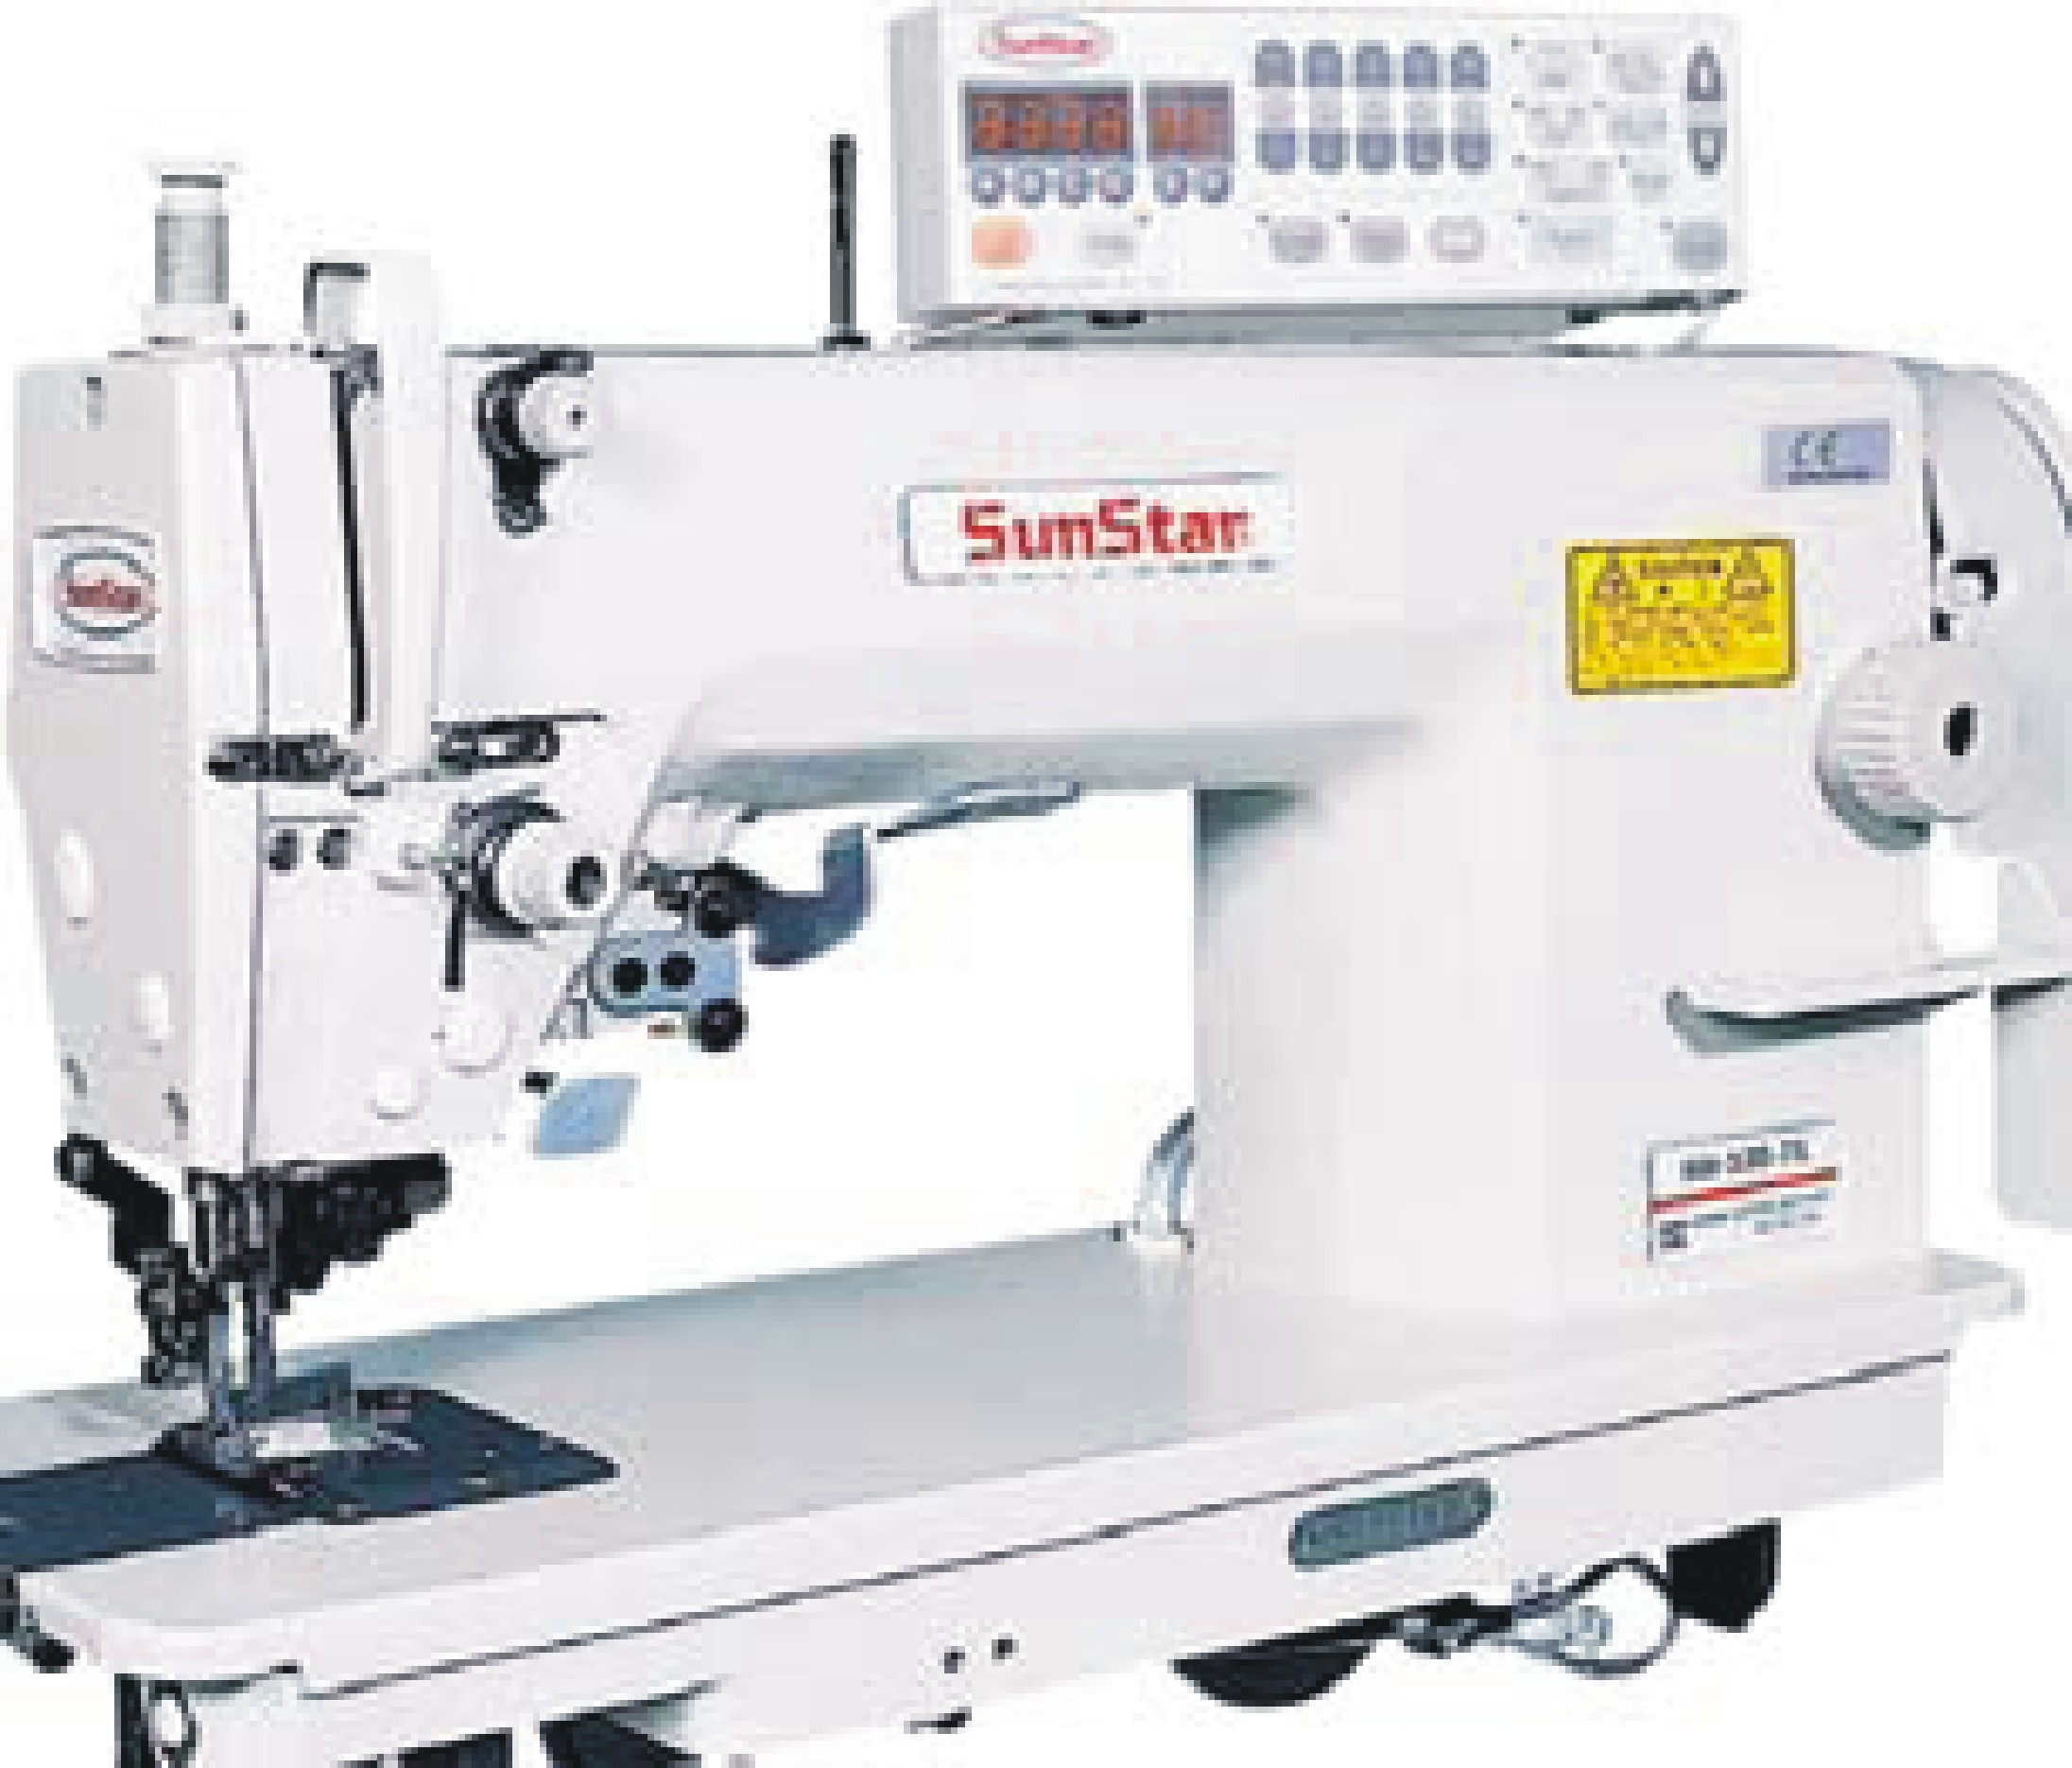 Maquina de coser buscar: Comprar maquina de coser industrial